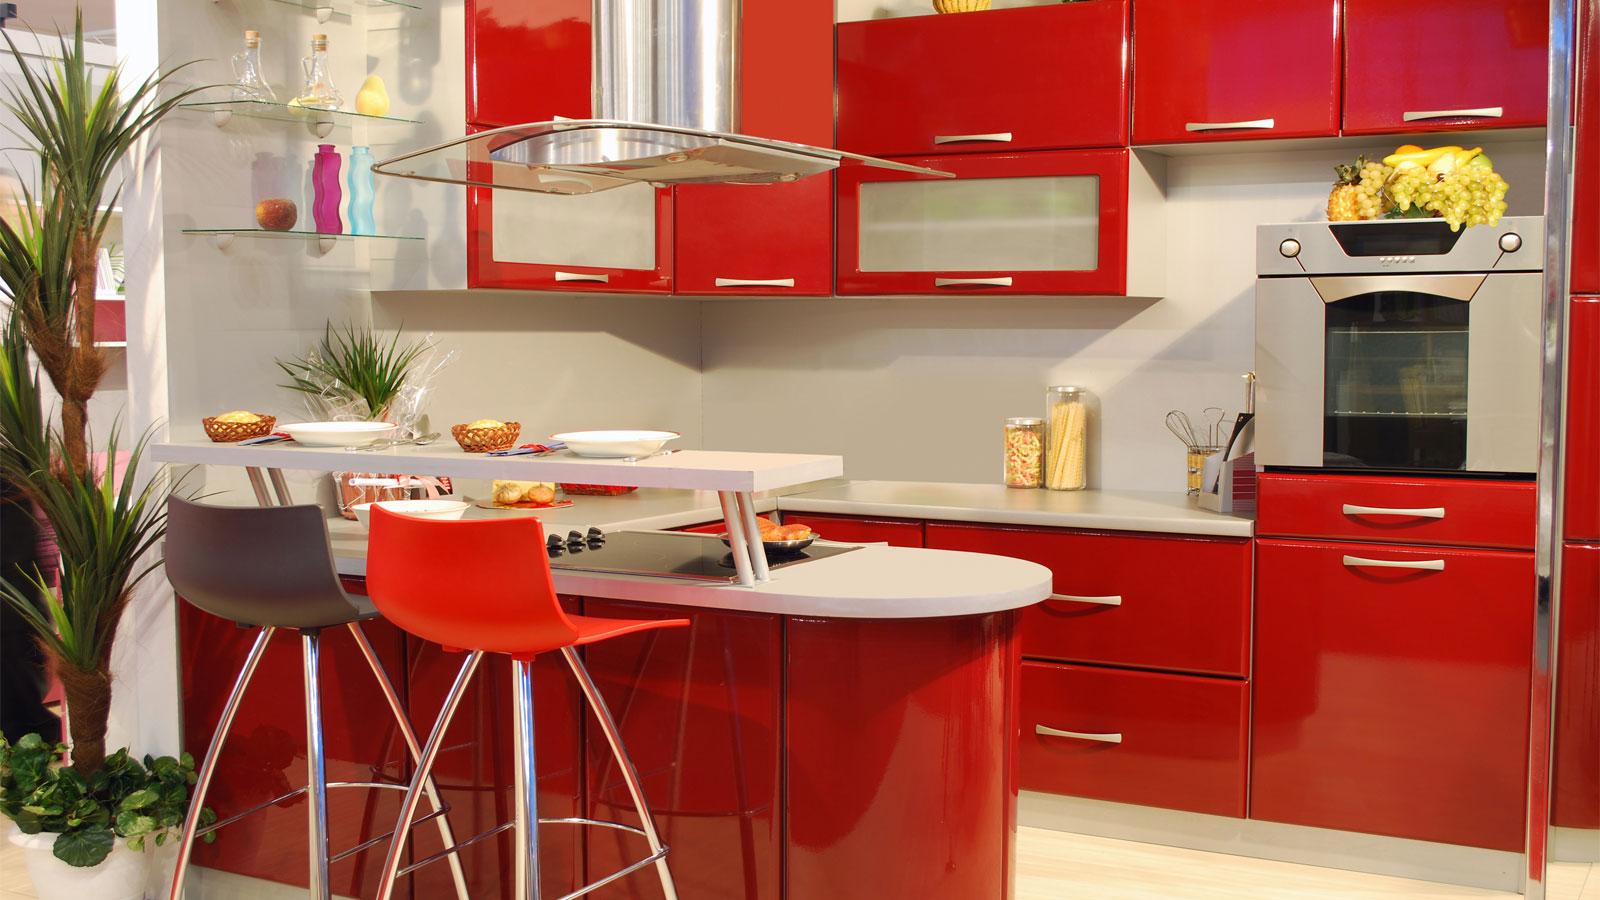 Cozinha Compacta Vermelha Beyato Com V Rios Desenhos Sobre